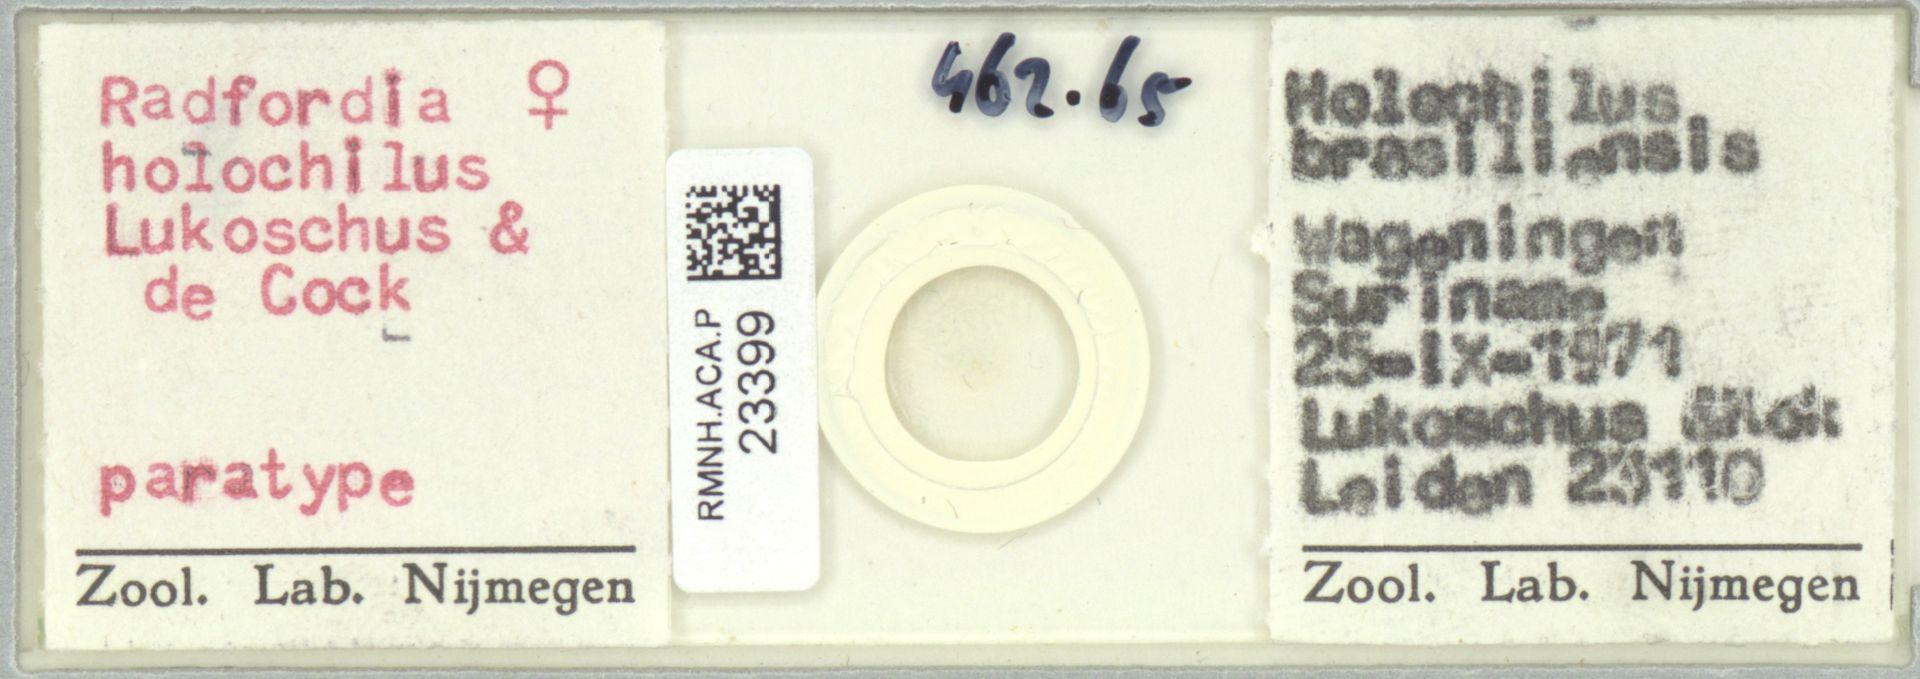 RMNH.ACA.P.23399 | Radfordia holochilus Lukoschus & de Cock